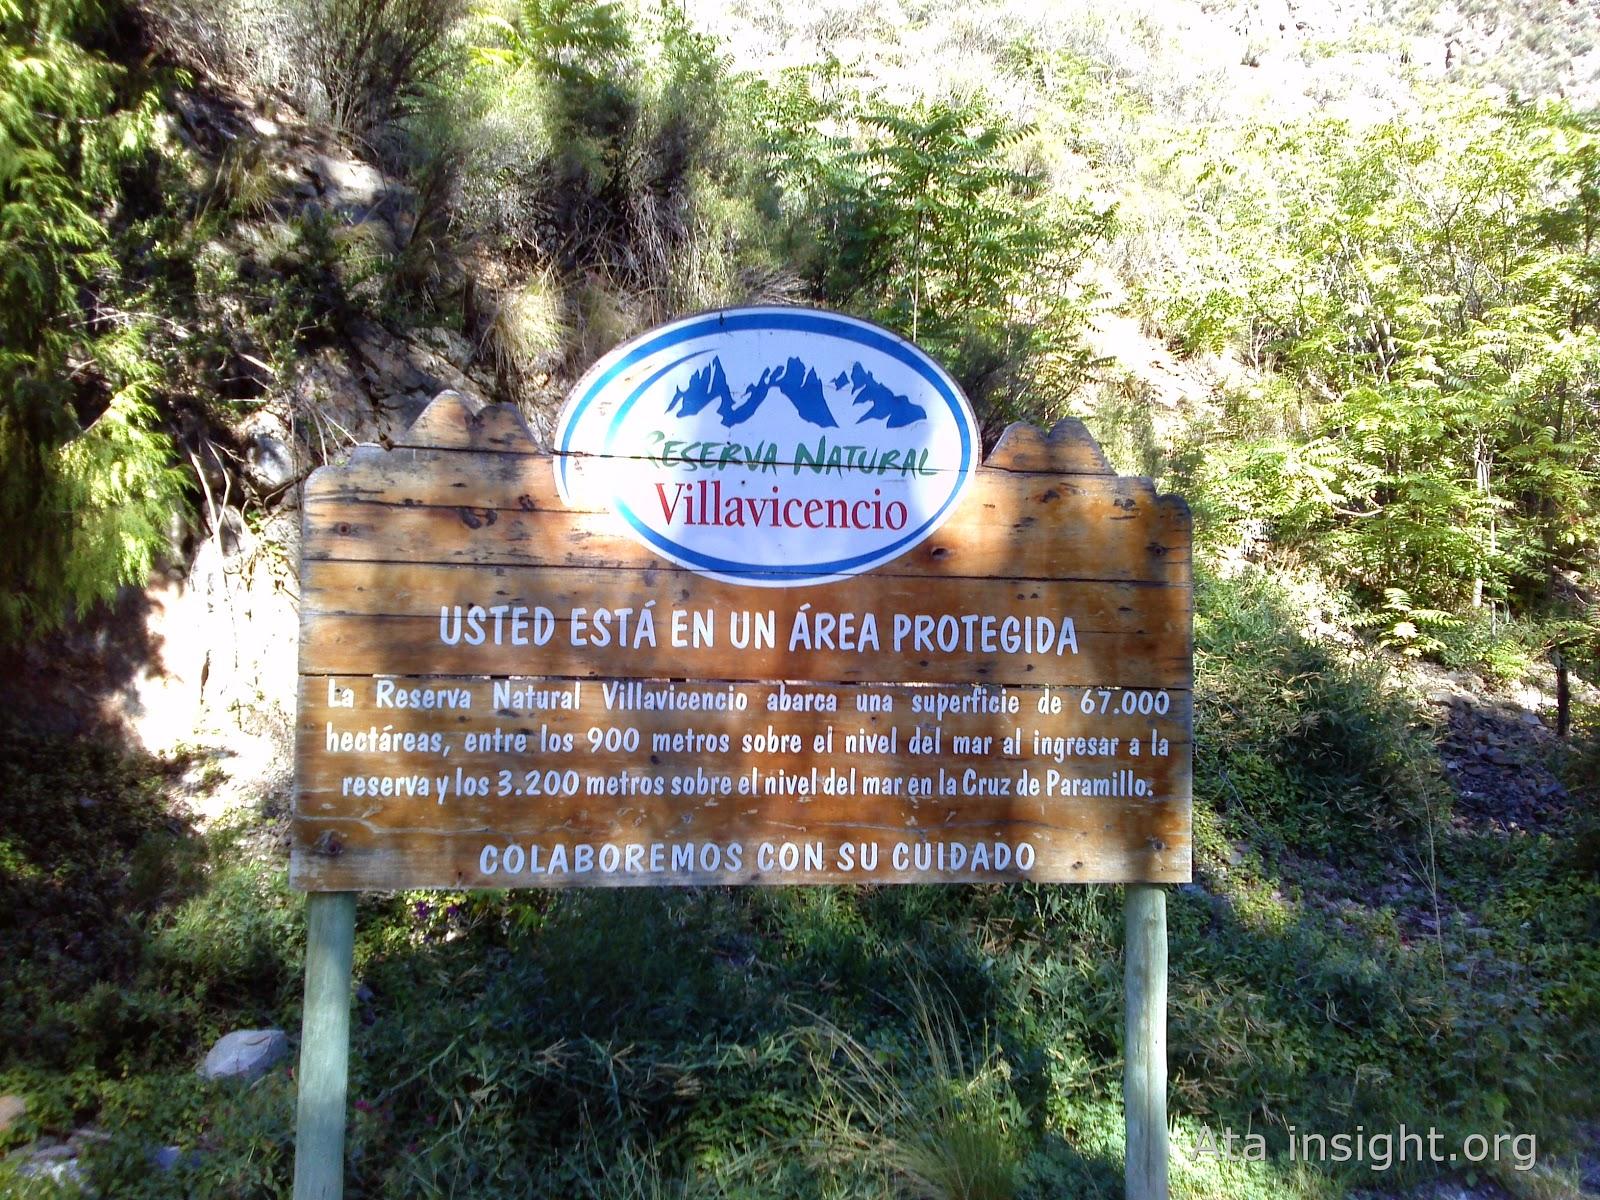 Área protegida Villavicencio